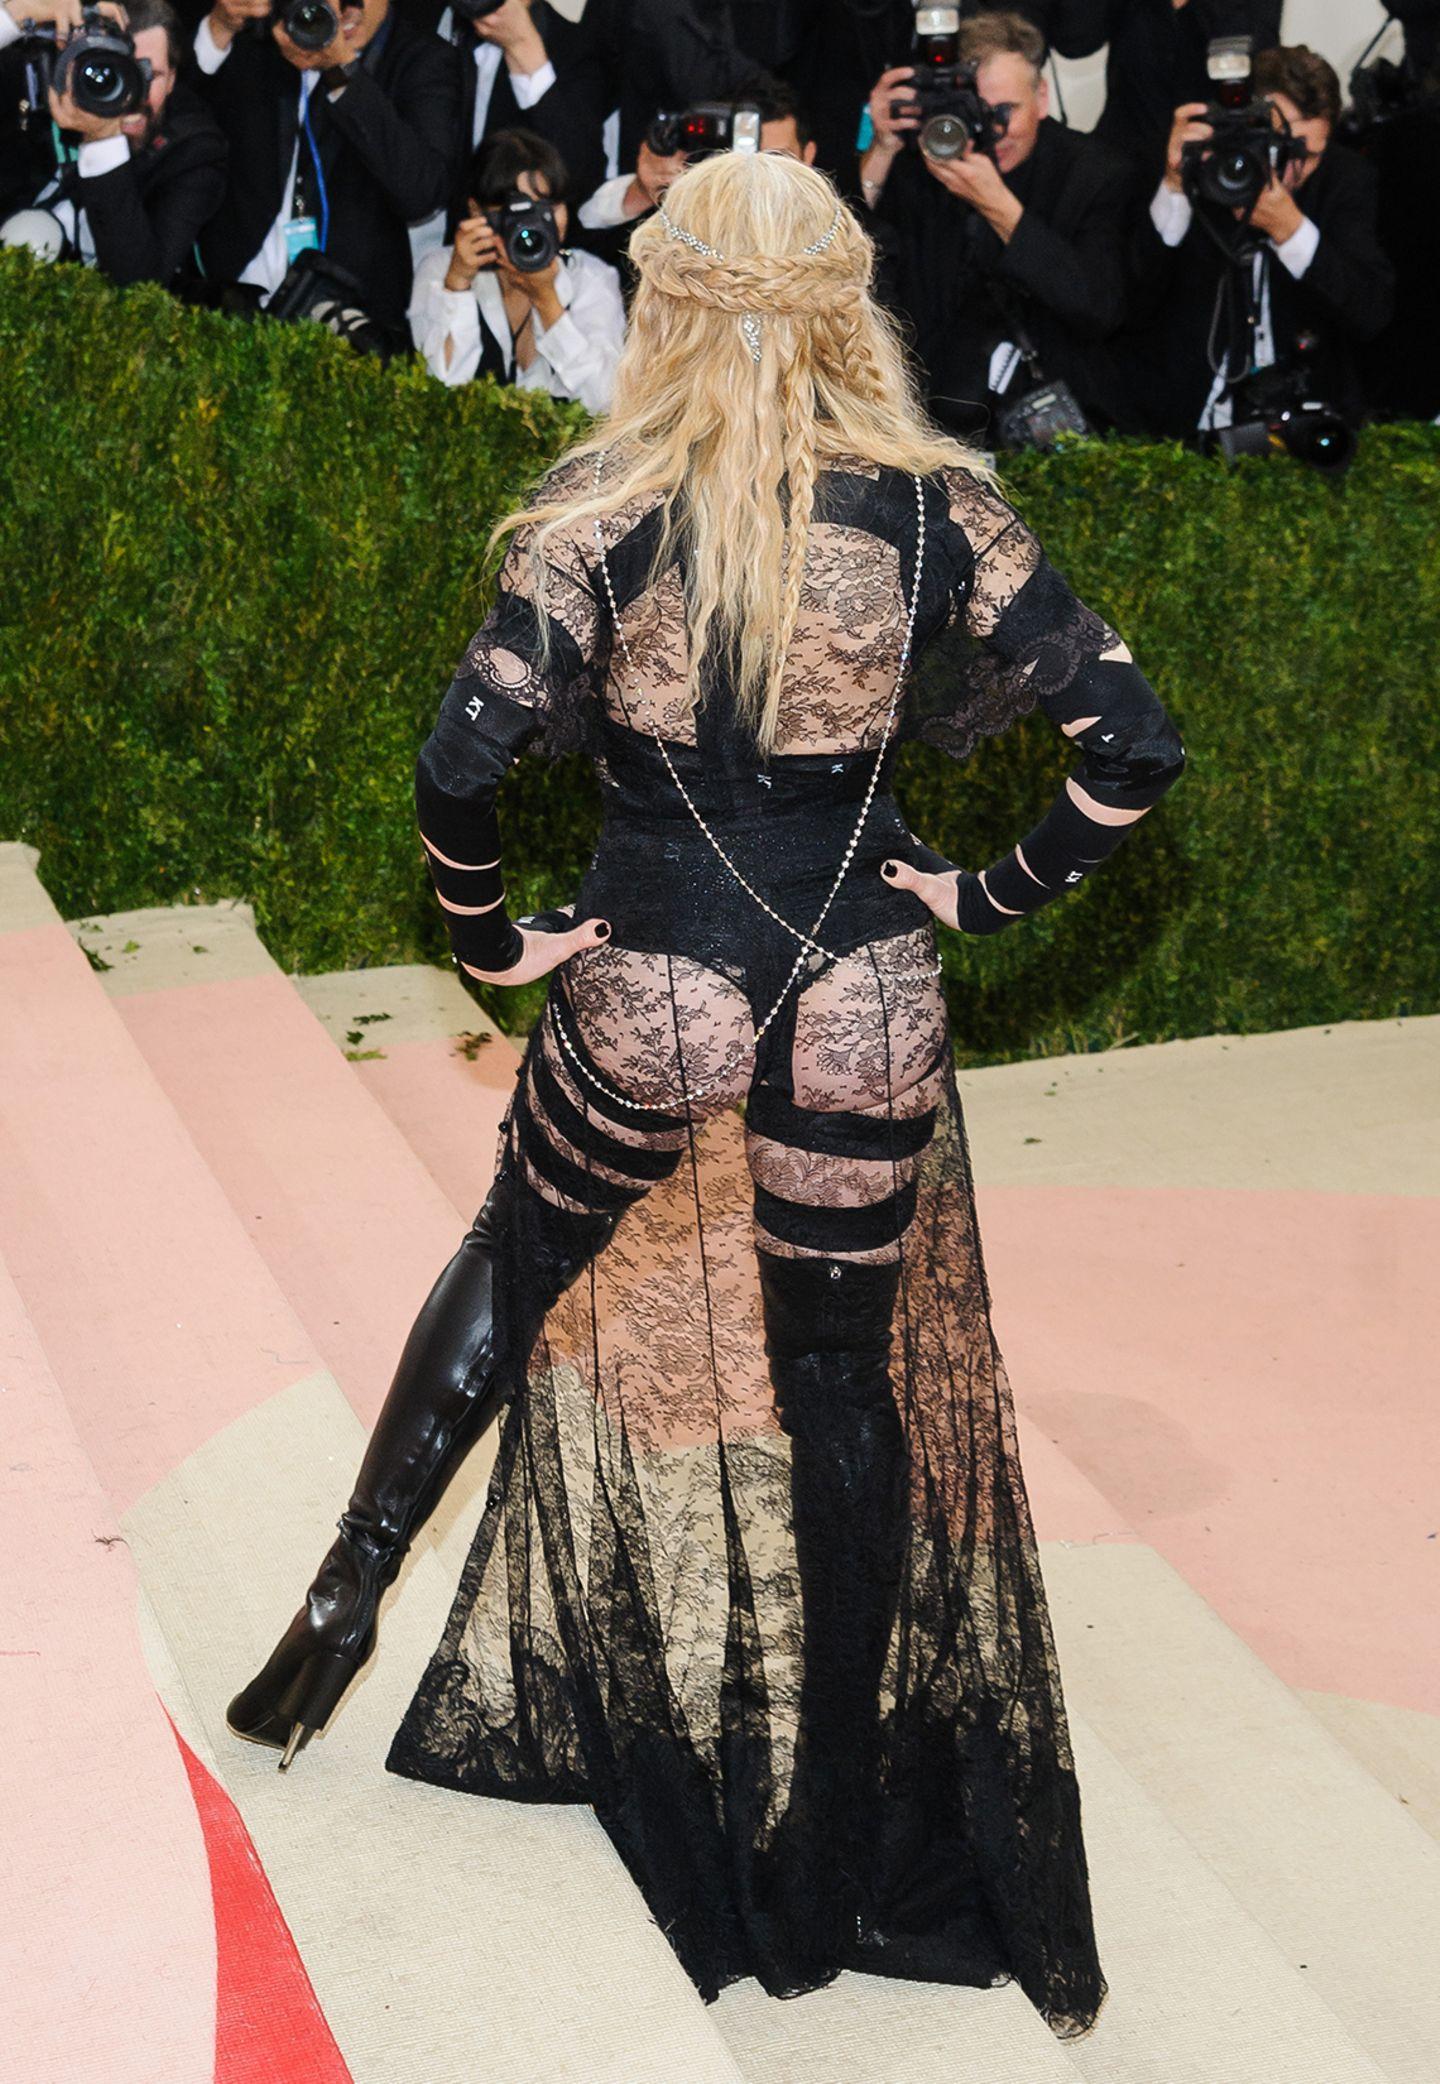 Kaum zu glauben, aber die Rückansicht von Madonnas Met-Look ist sogar noch schlimmer als die Frontansicht.